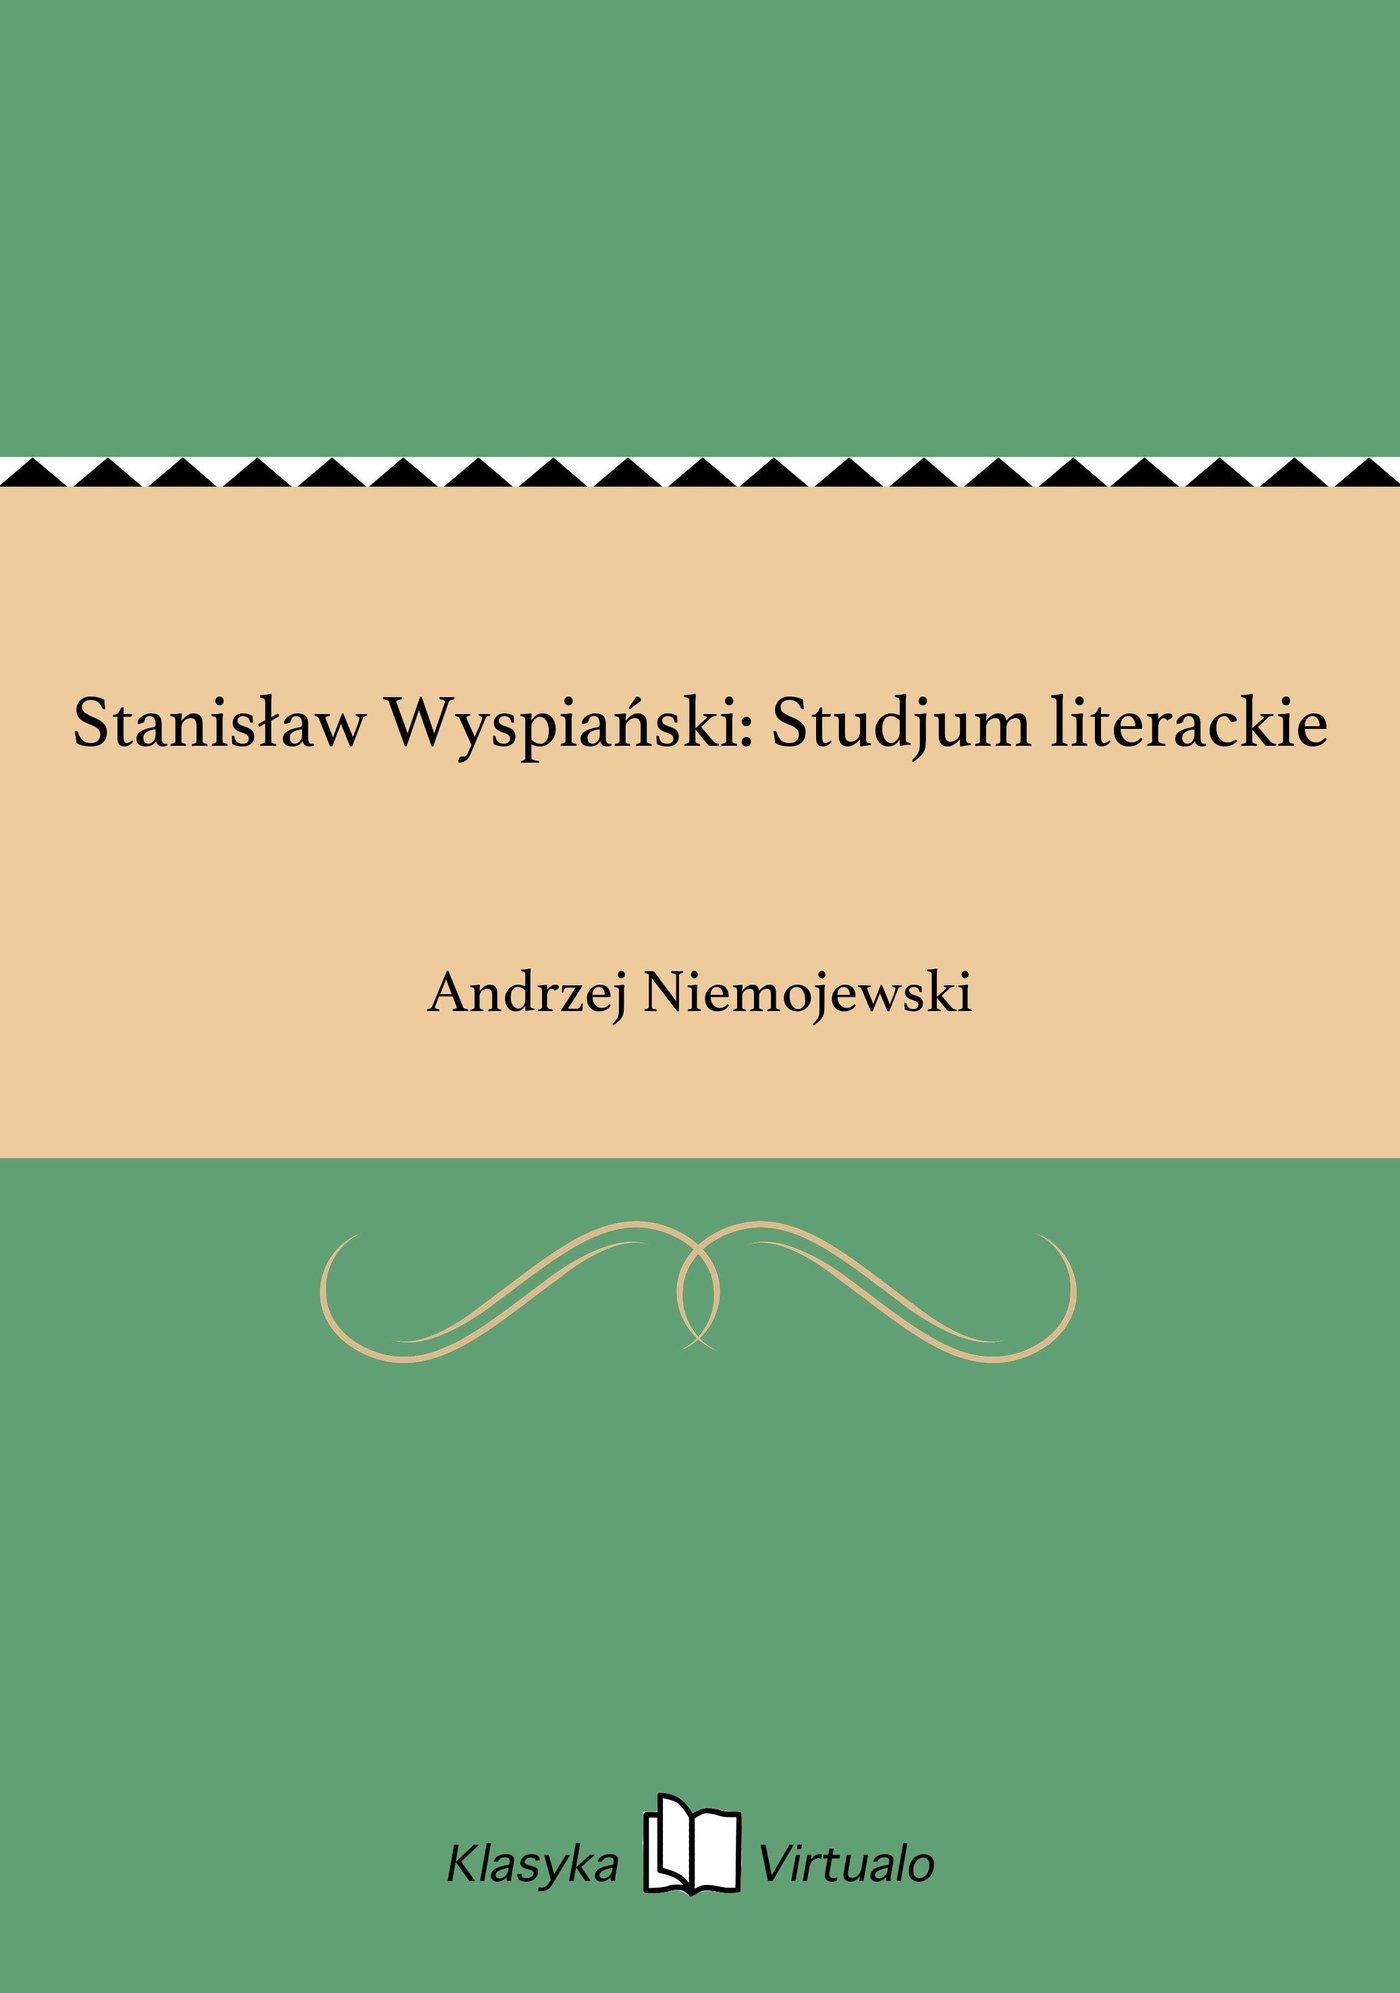 Stanisław Wyspiański: Studjum literackie - Ebook (Książka EPUB) do pobrania w formacie EPUB